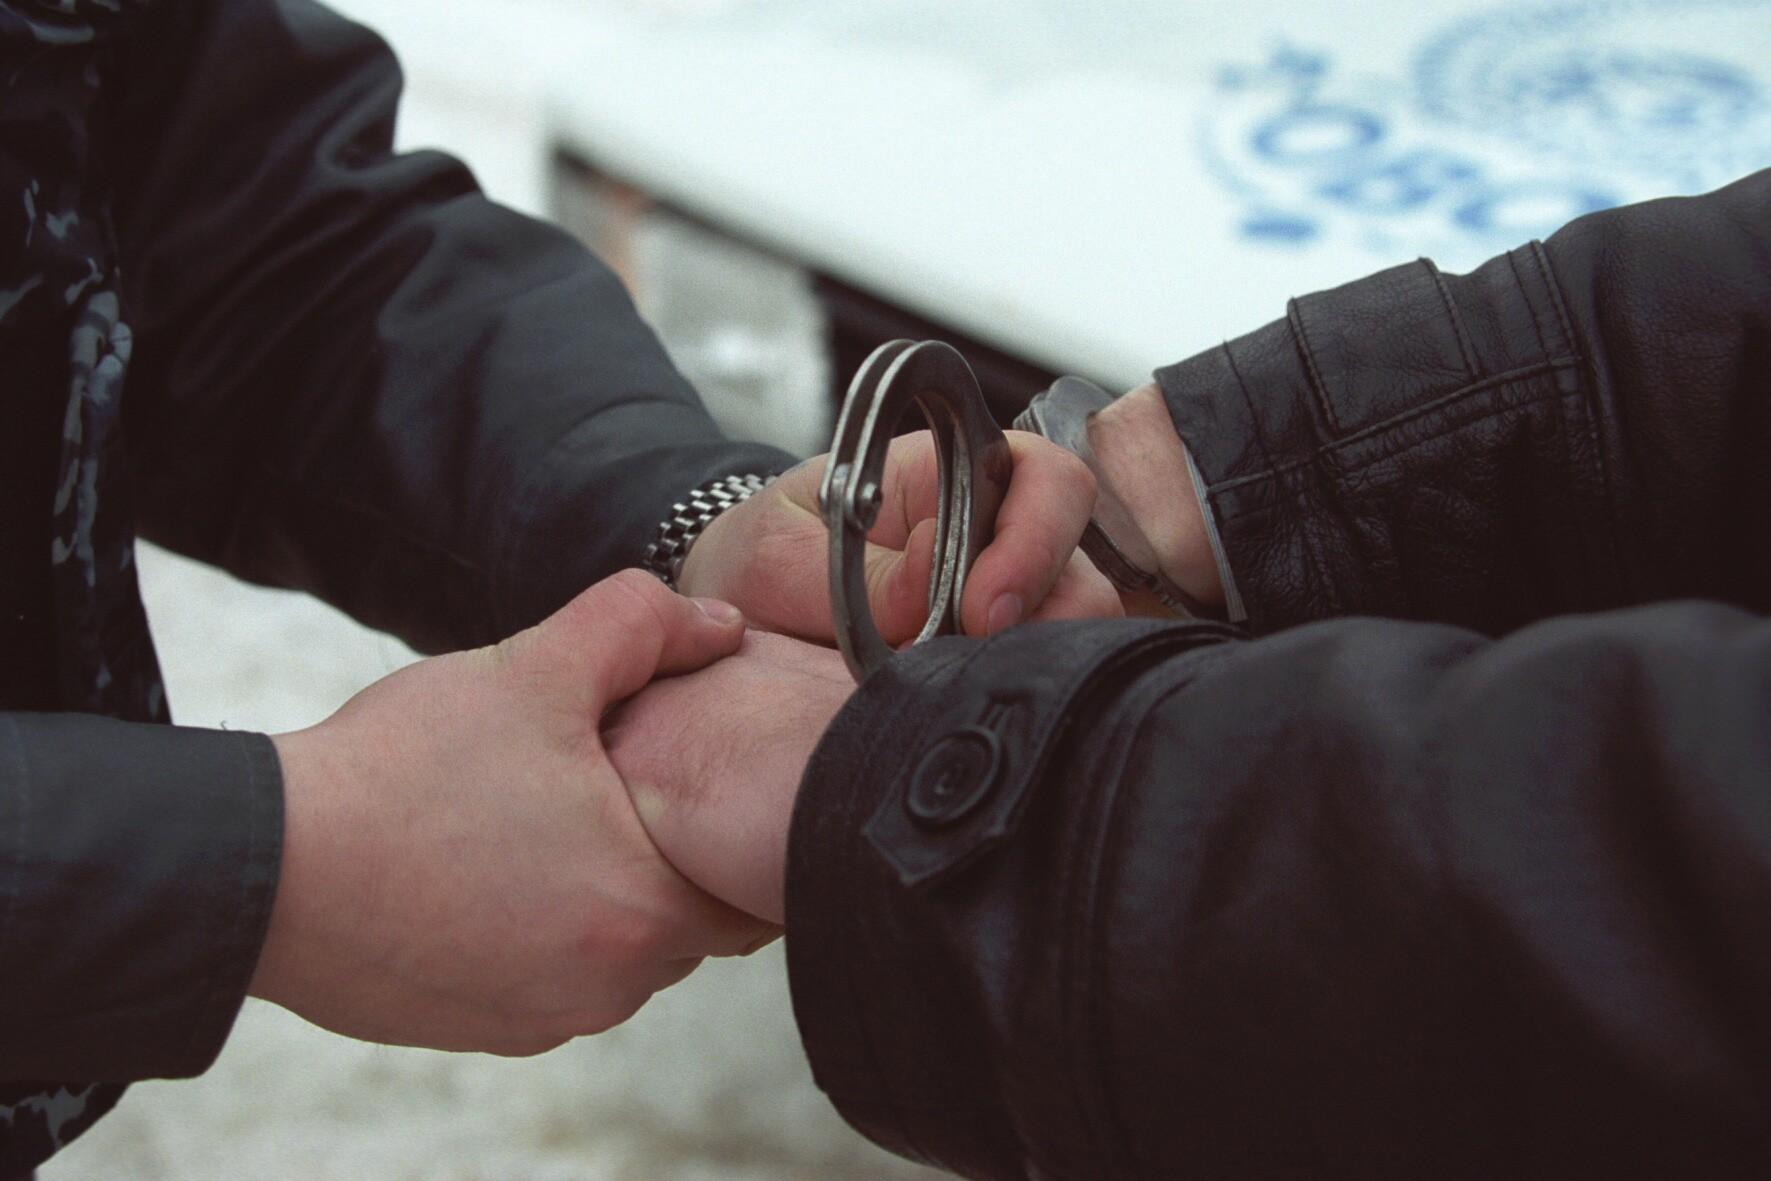 ВРостовской области интернет-мошенник собирал деньги налечение якобы больной девушки